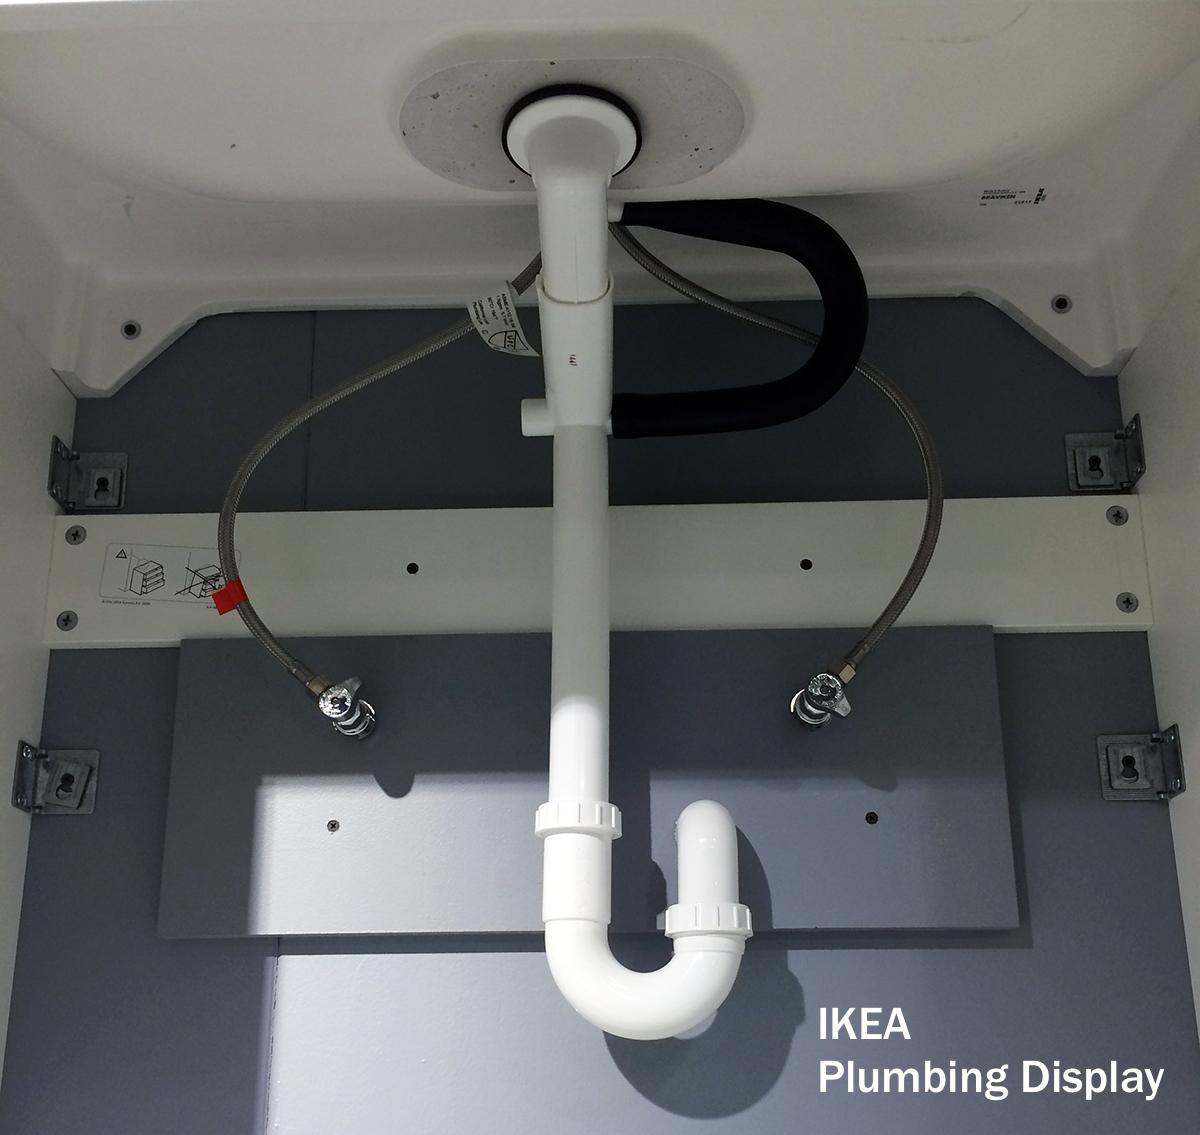 Delightful Ikea Plumbing Display 1.JPG